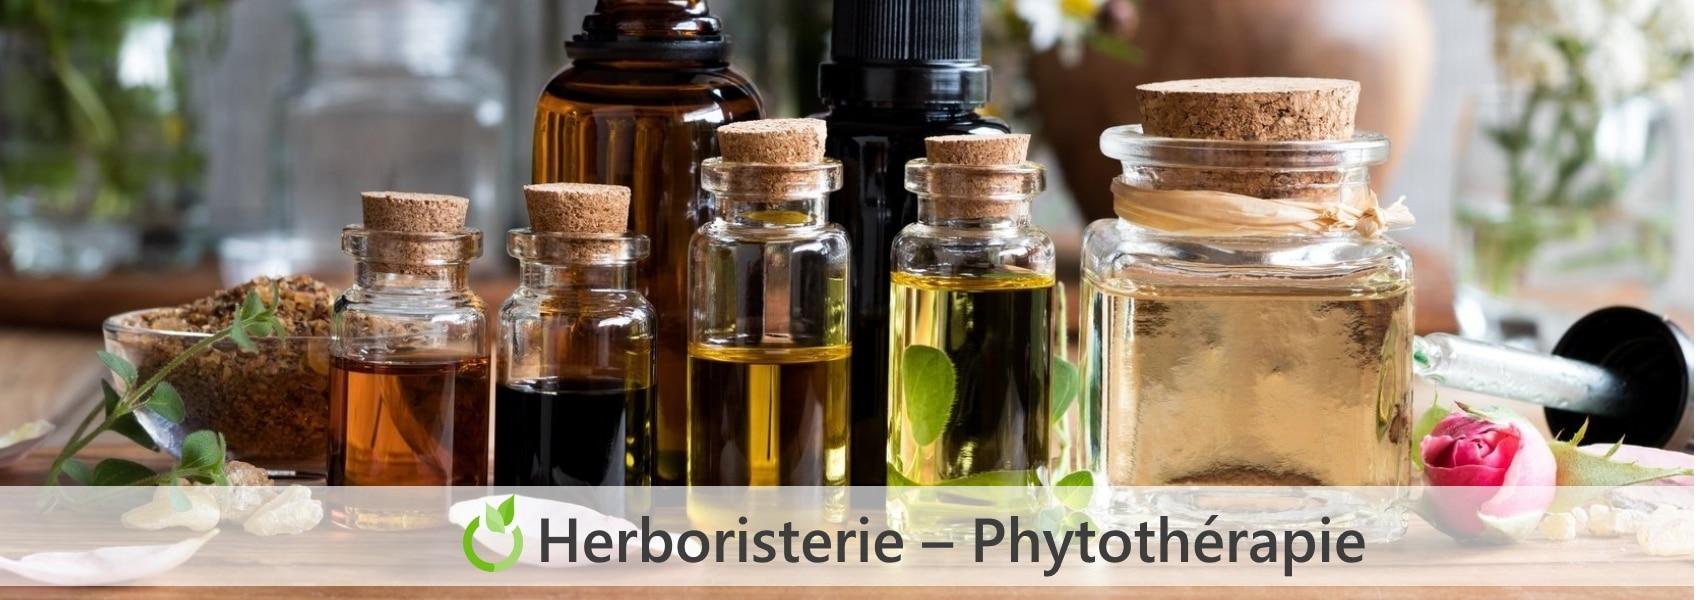 herboristerie en pharmacie à Canteleu portail